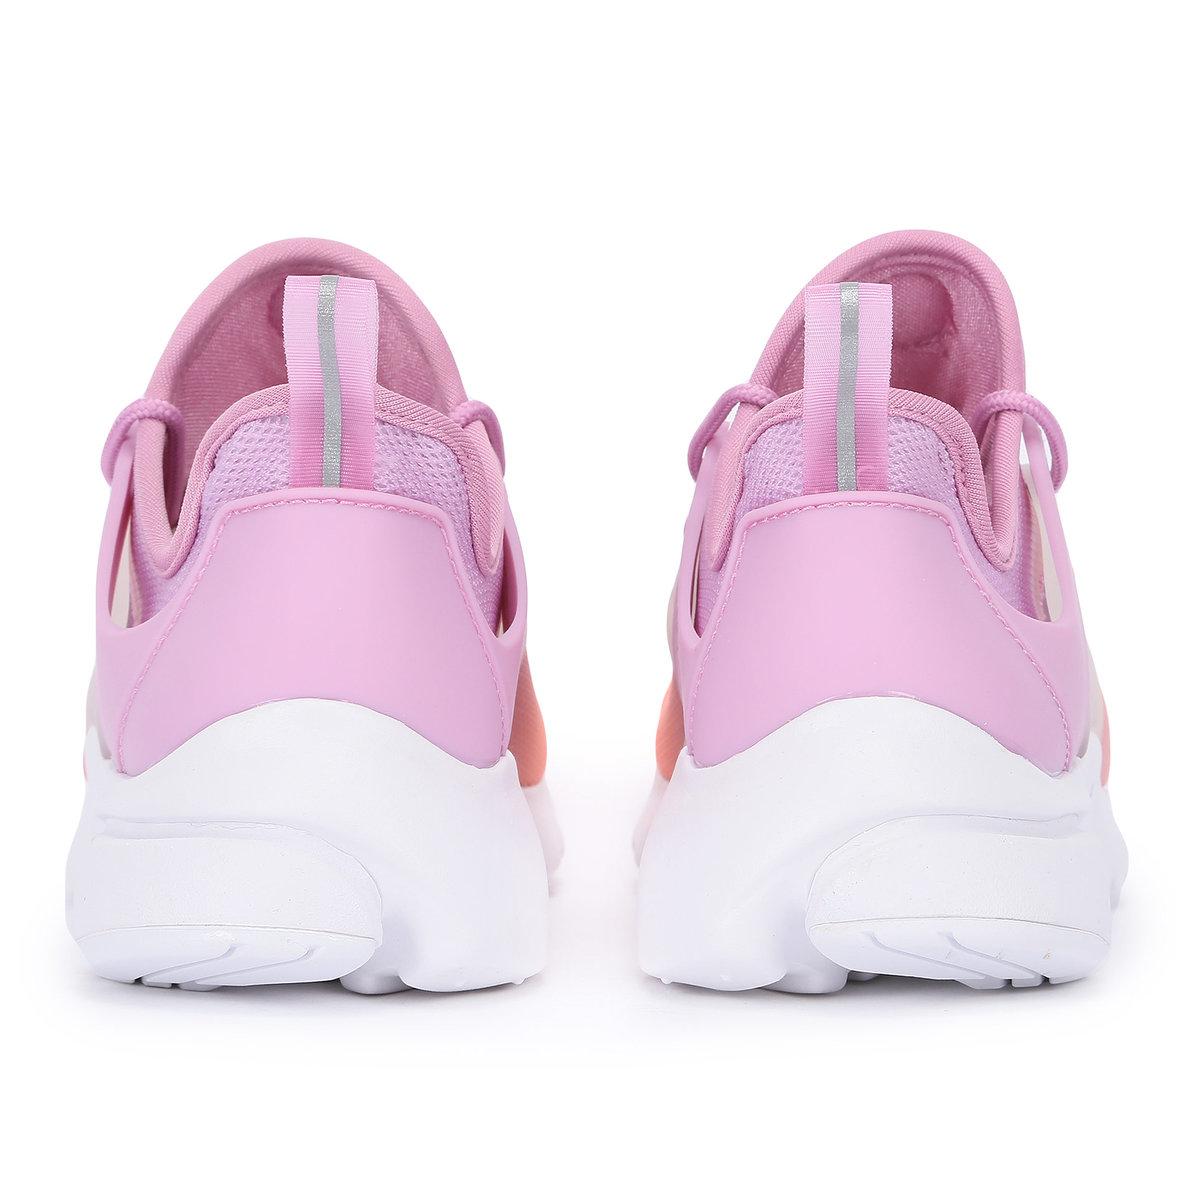 8ab468ea734e Кроссовки nike air max 90 женские купить Перейти на официальный сайт  производителя... http